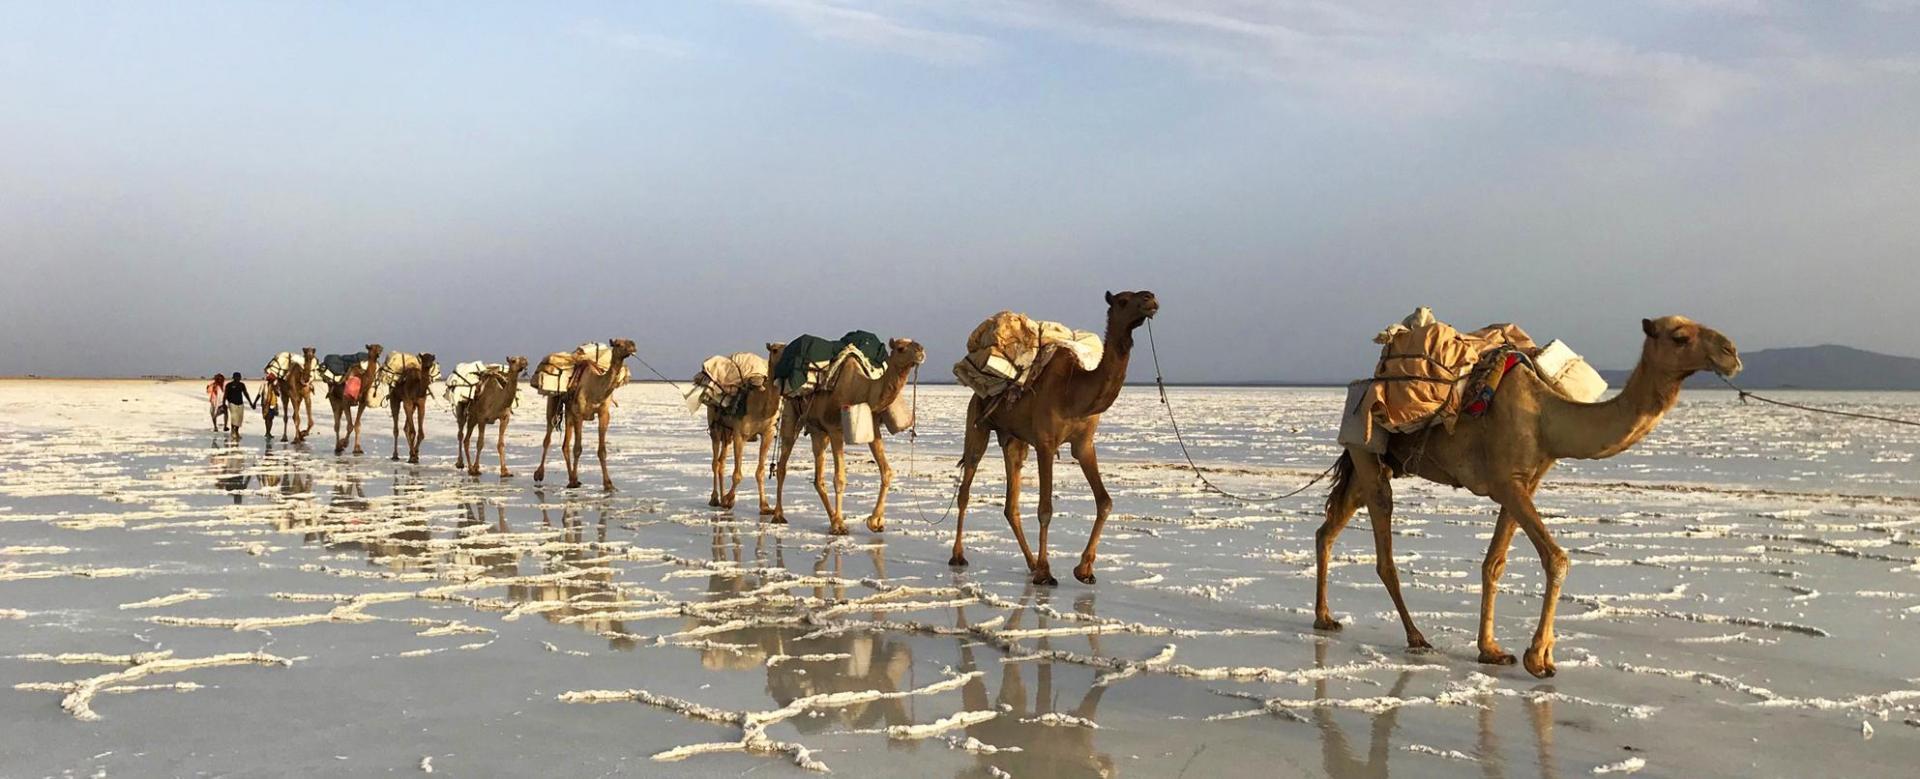 Voyage à pied : Lalibela, dallol et erta ale